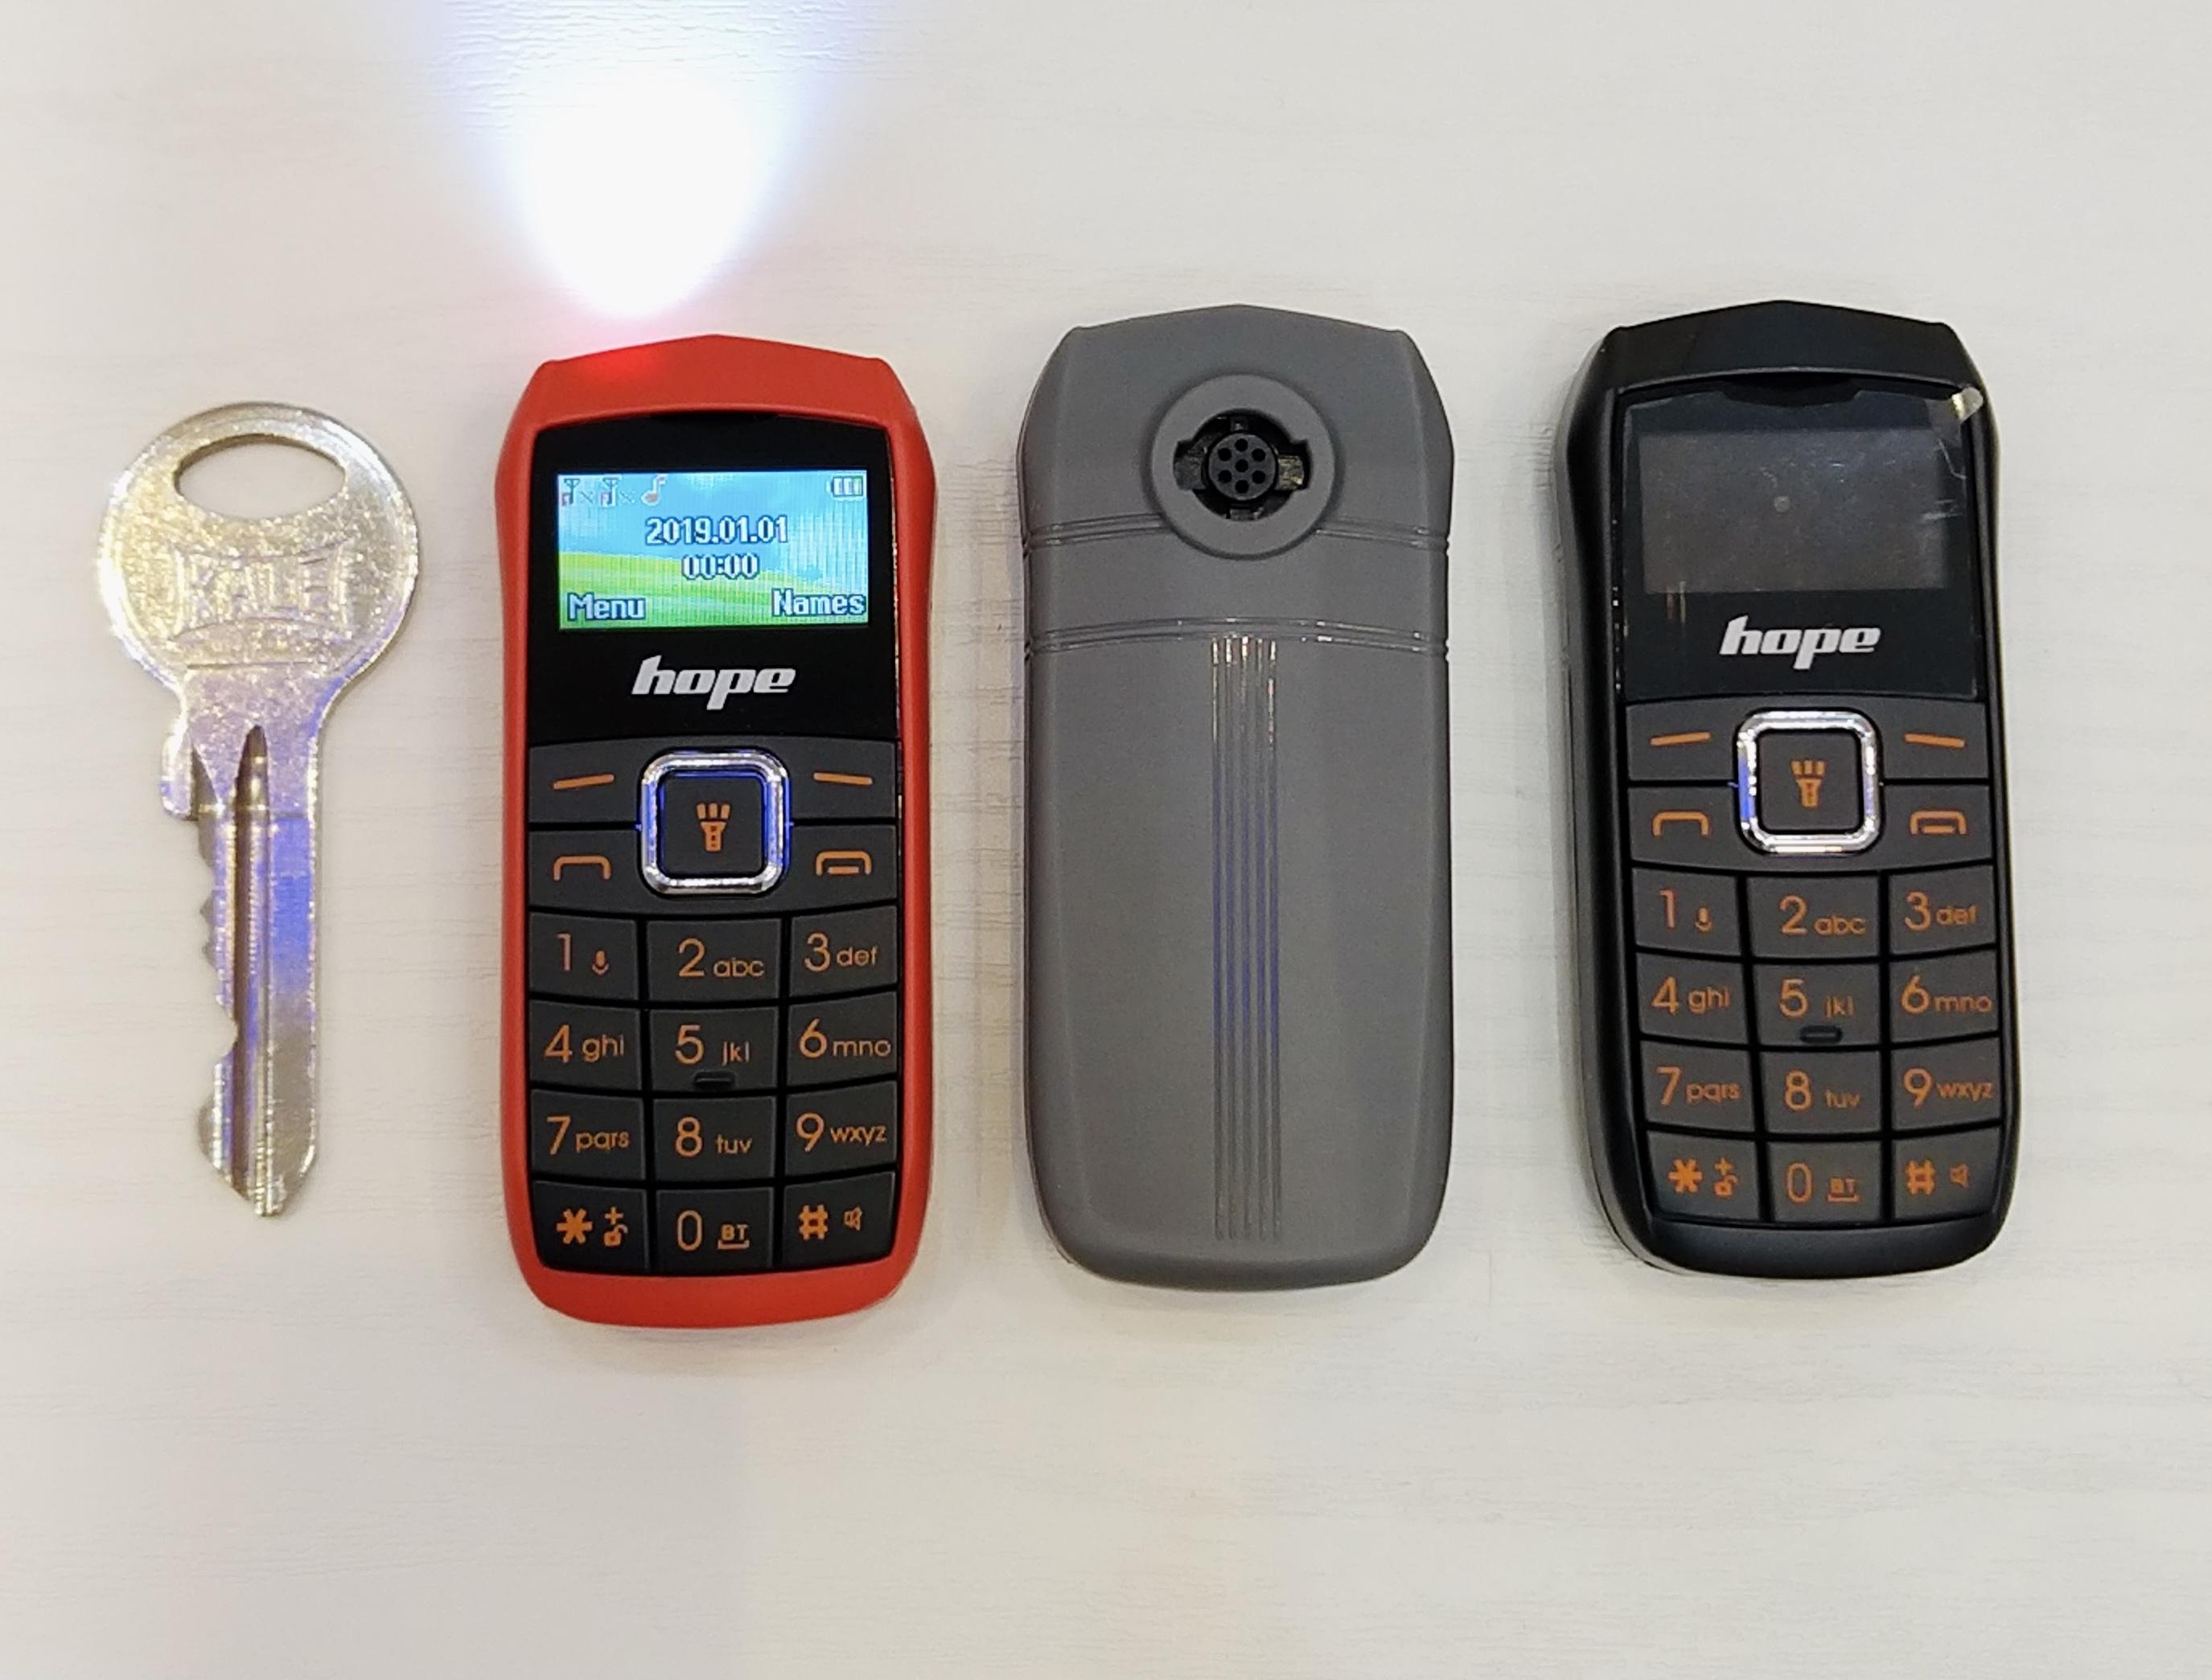 مینی موبایل m20هوپ